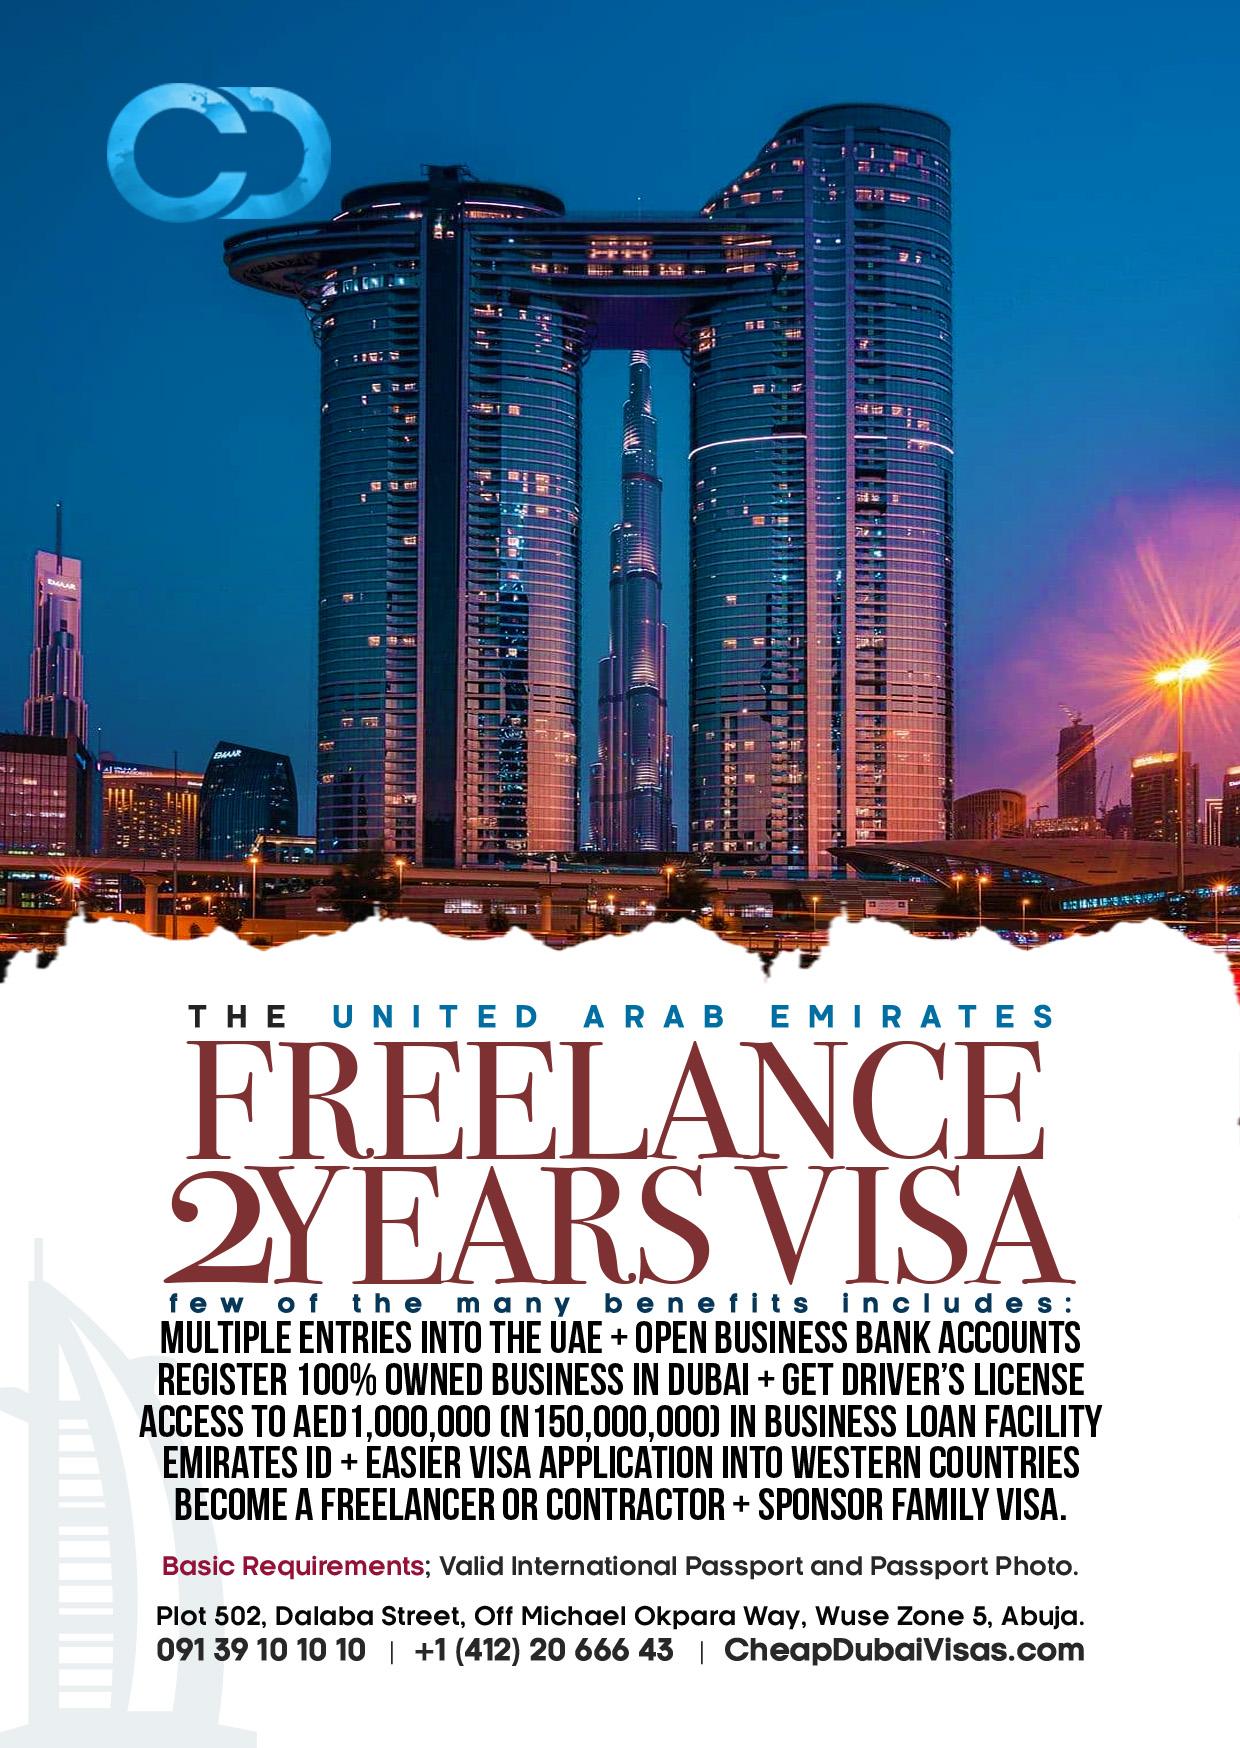 Dubai Freelance Visa Cheap Dubai Visas